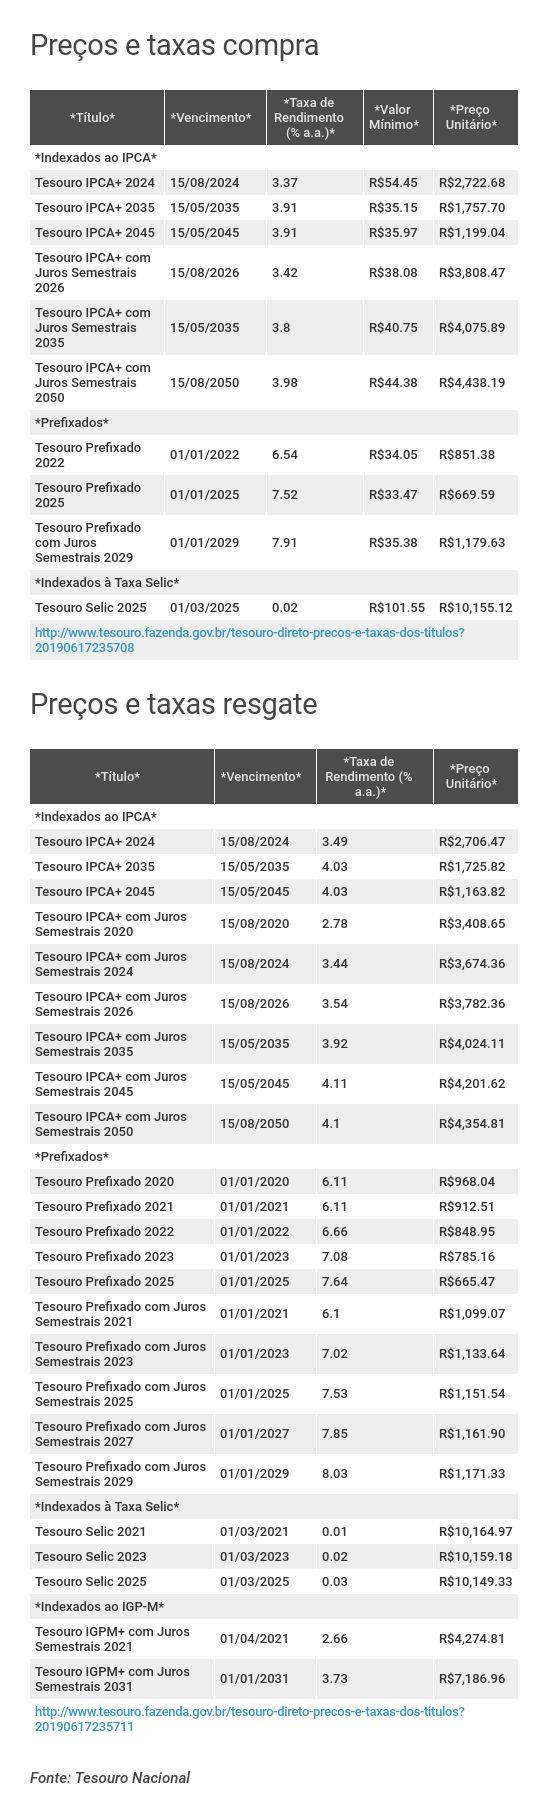 Preços e taxas do Tesouro Direto em 17 de junho de 2019 - fechamento